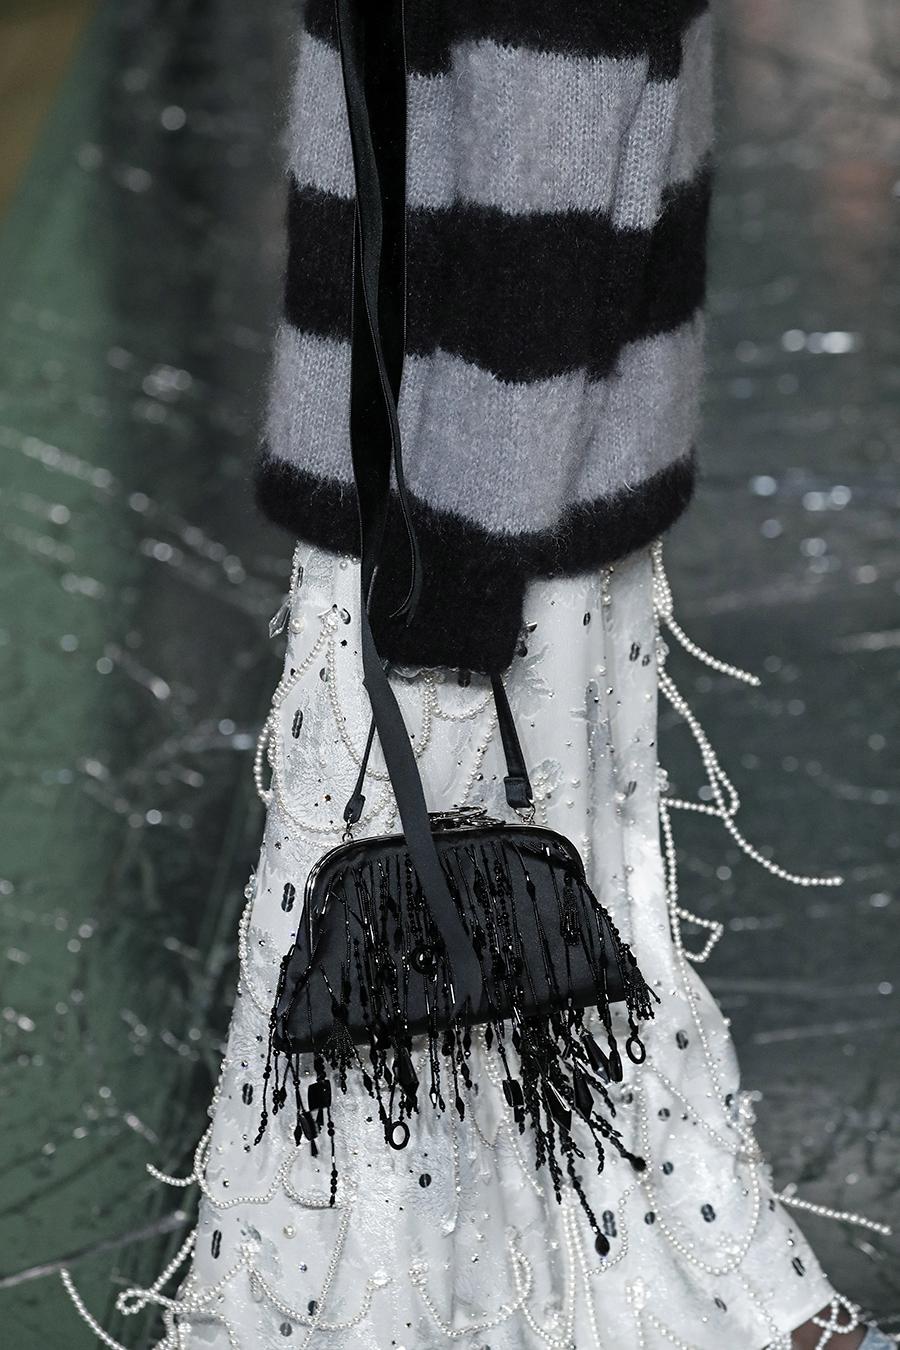 модная сумка ридикюль винтажный стиль осень зима 2020 2021 черная бисер